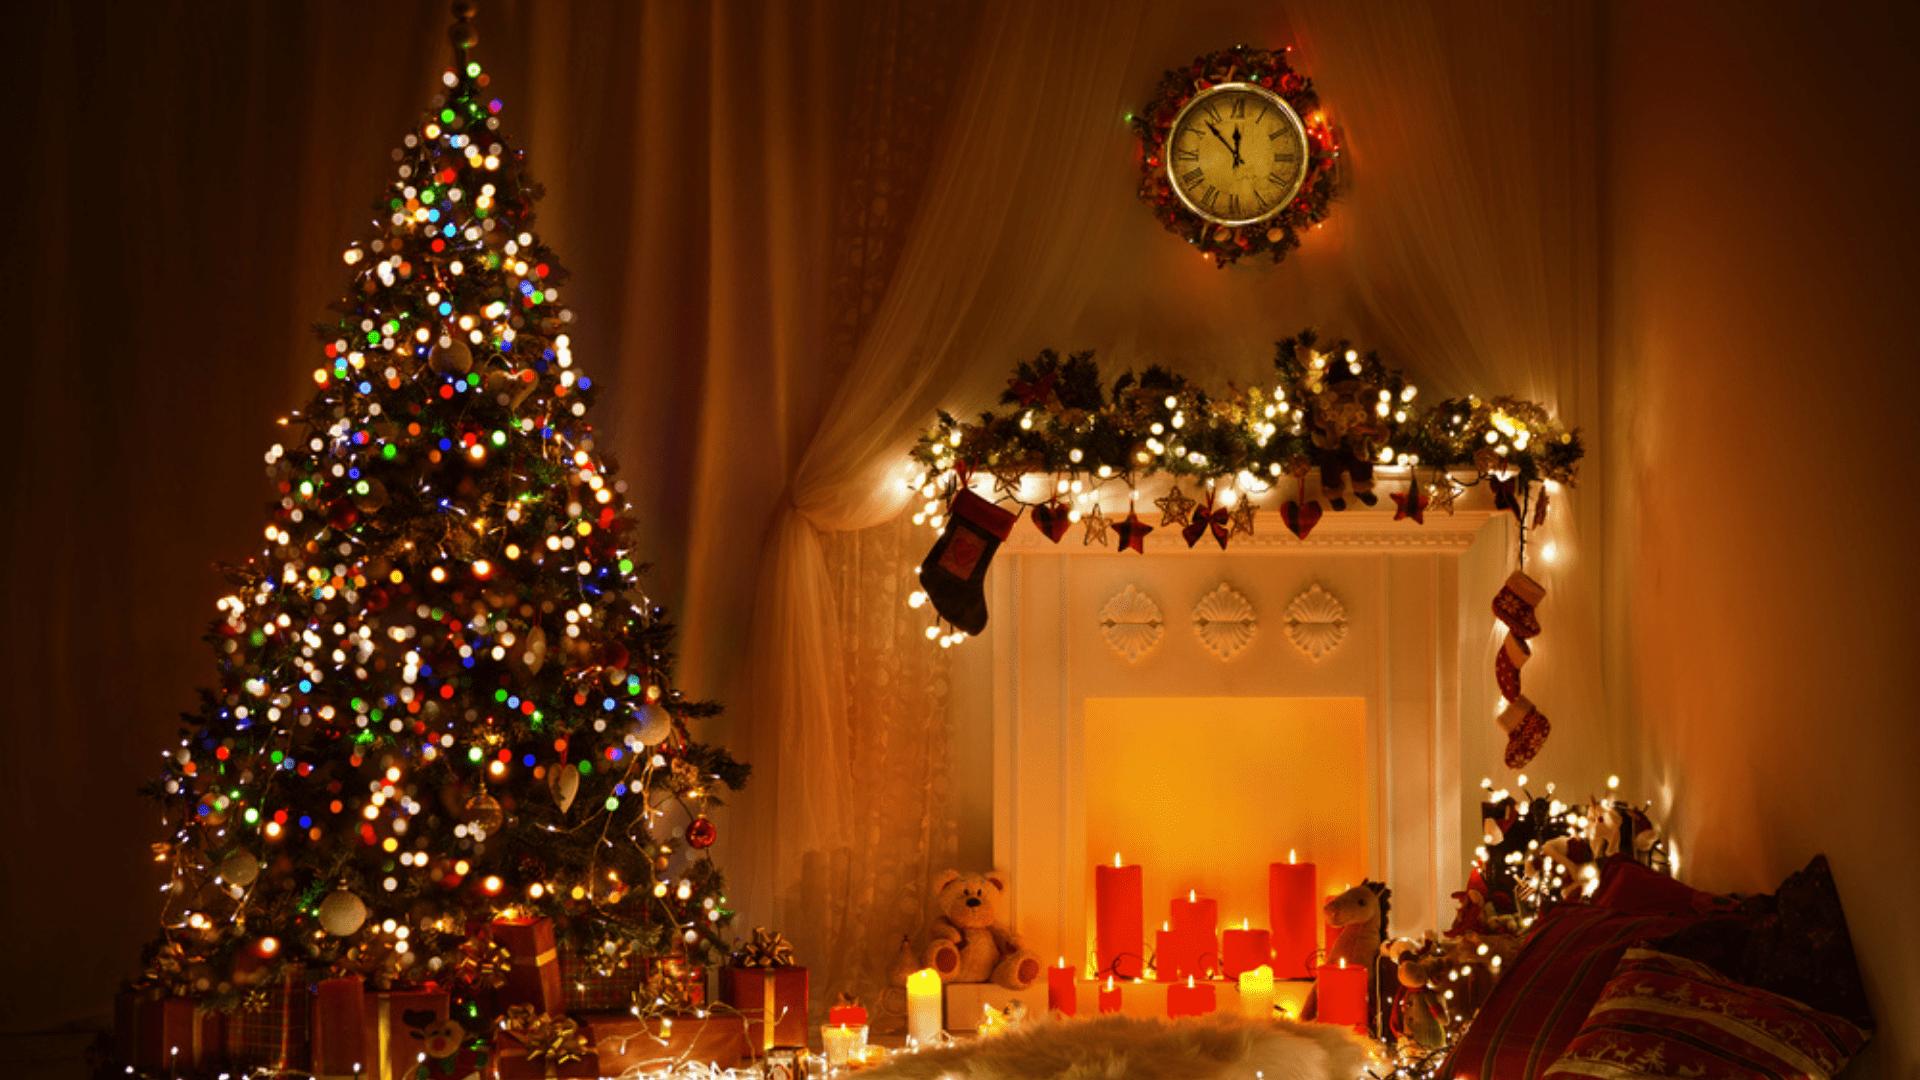 Entenda como desmontar a sua árvore de Natal da melhor forma (Imagem: Reprodução/Shutterstock)